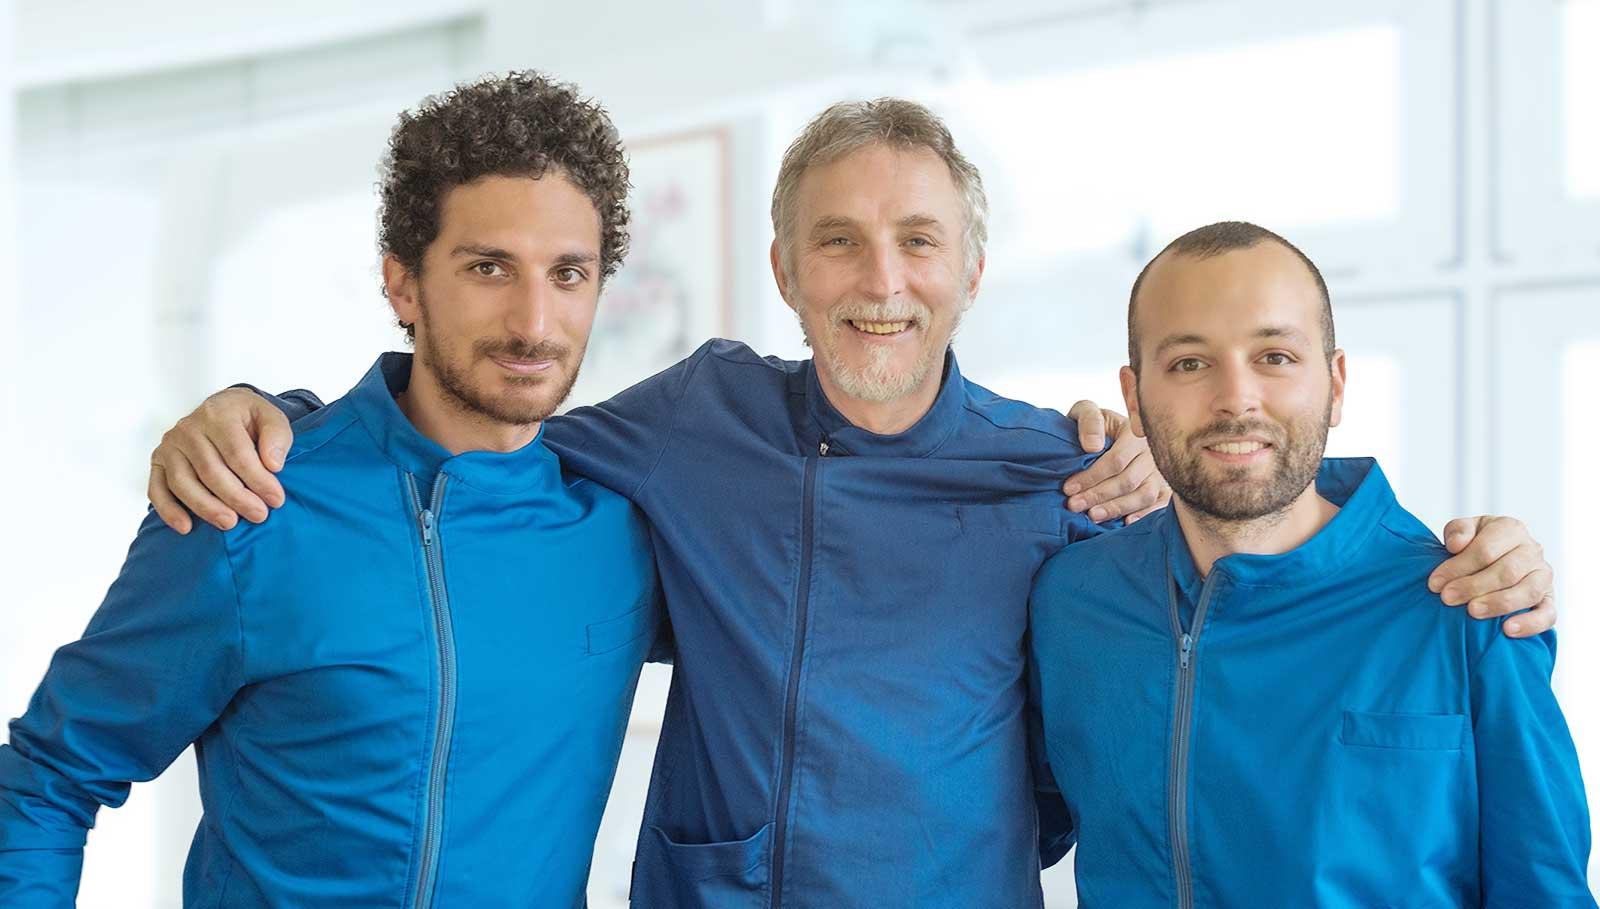 Studio ortodontico a Padova - Dott. Bavaresco - Dott. Montalbano - Dott. Sanguin